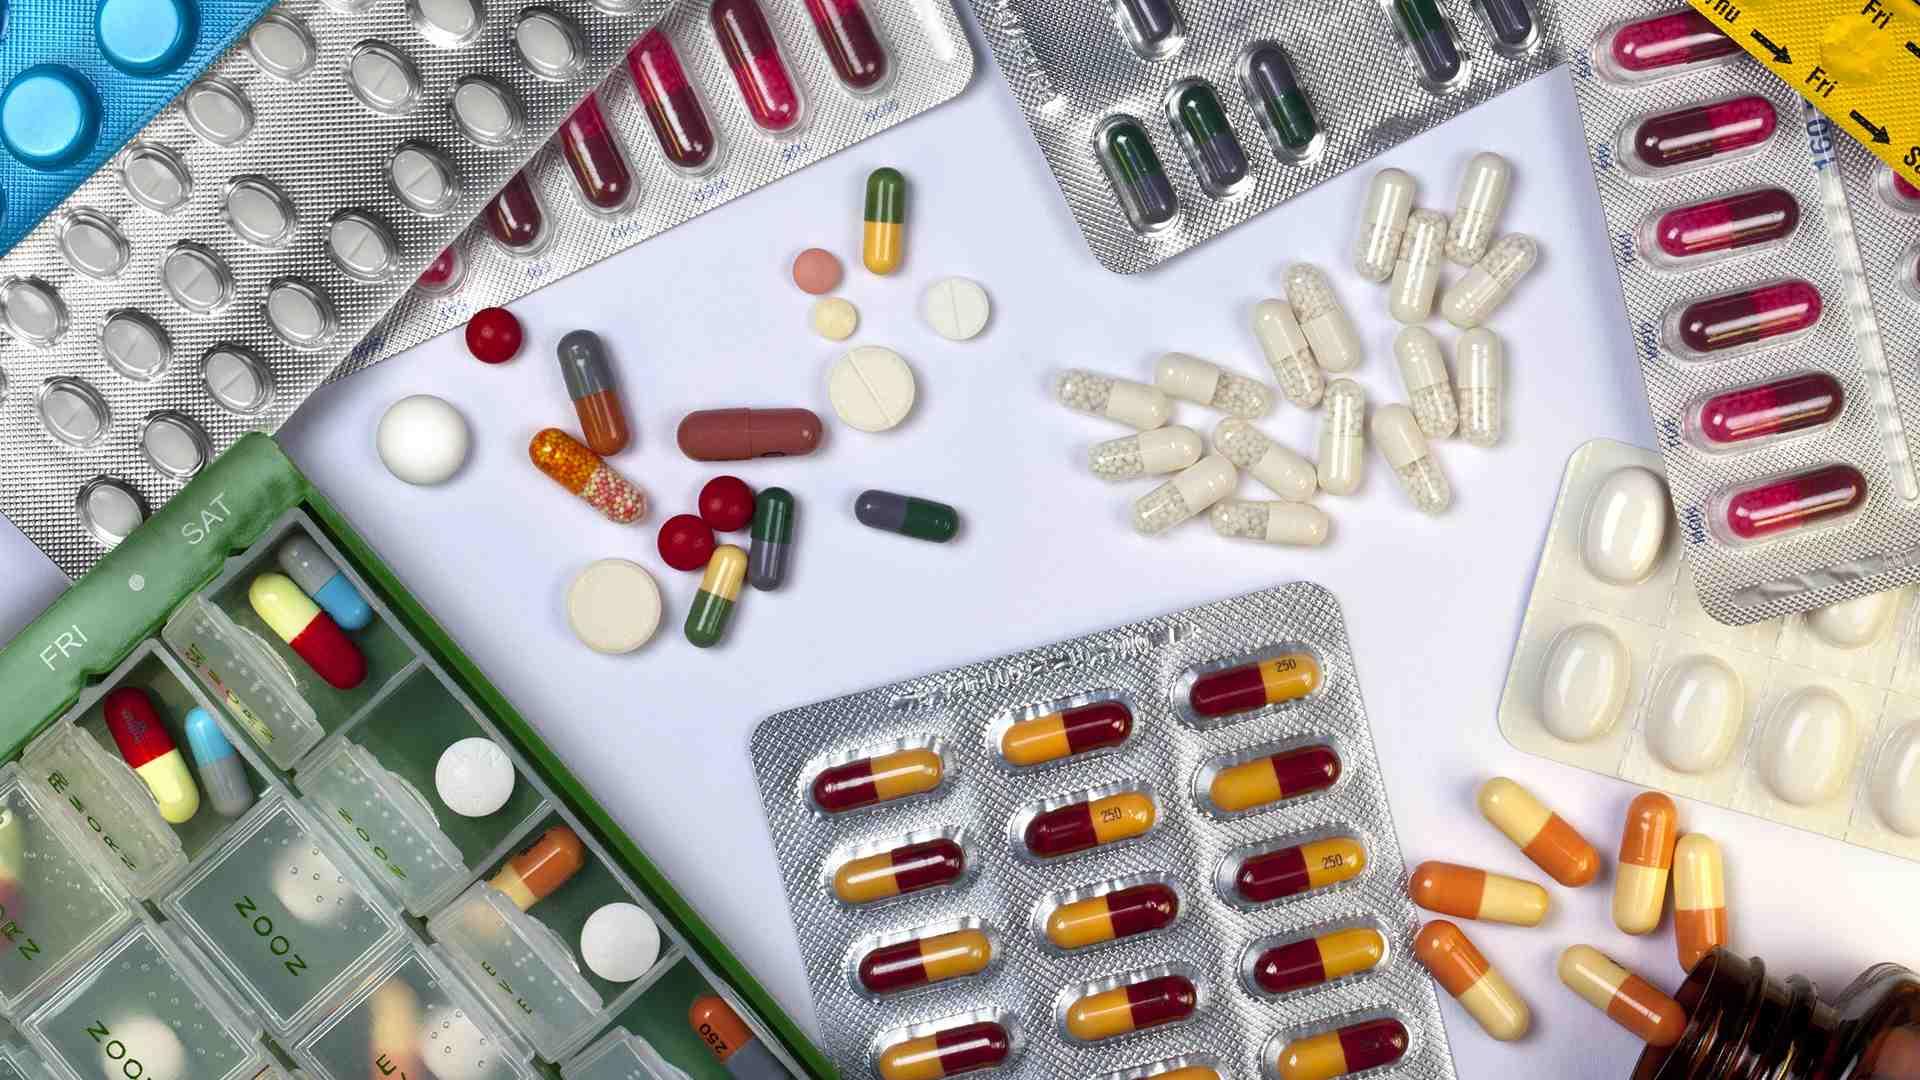 Бум «фуфломицинов»: в России взлетел спрос на сомнительные препараты